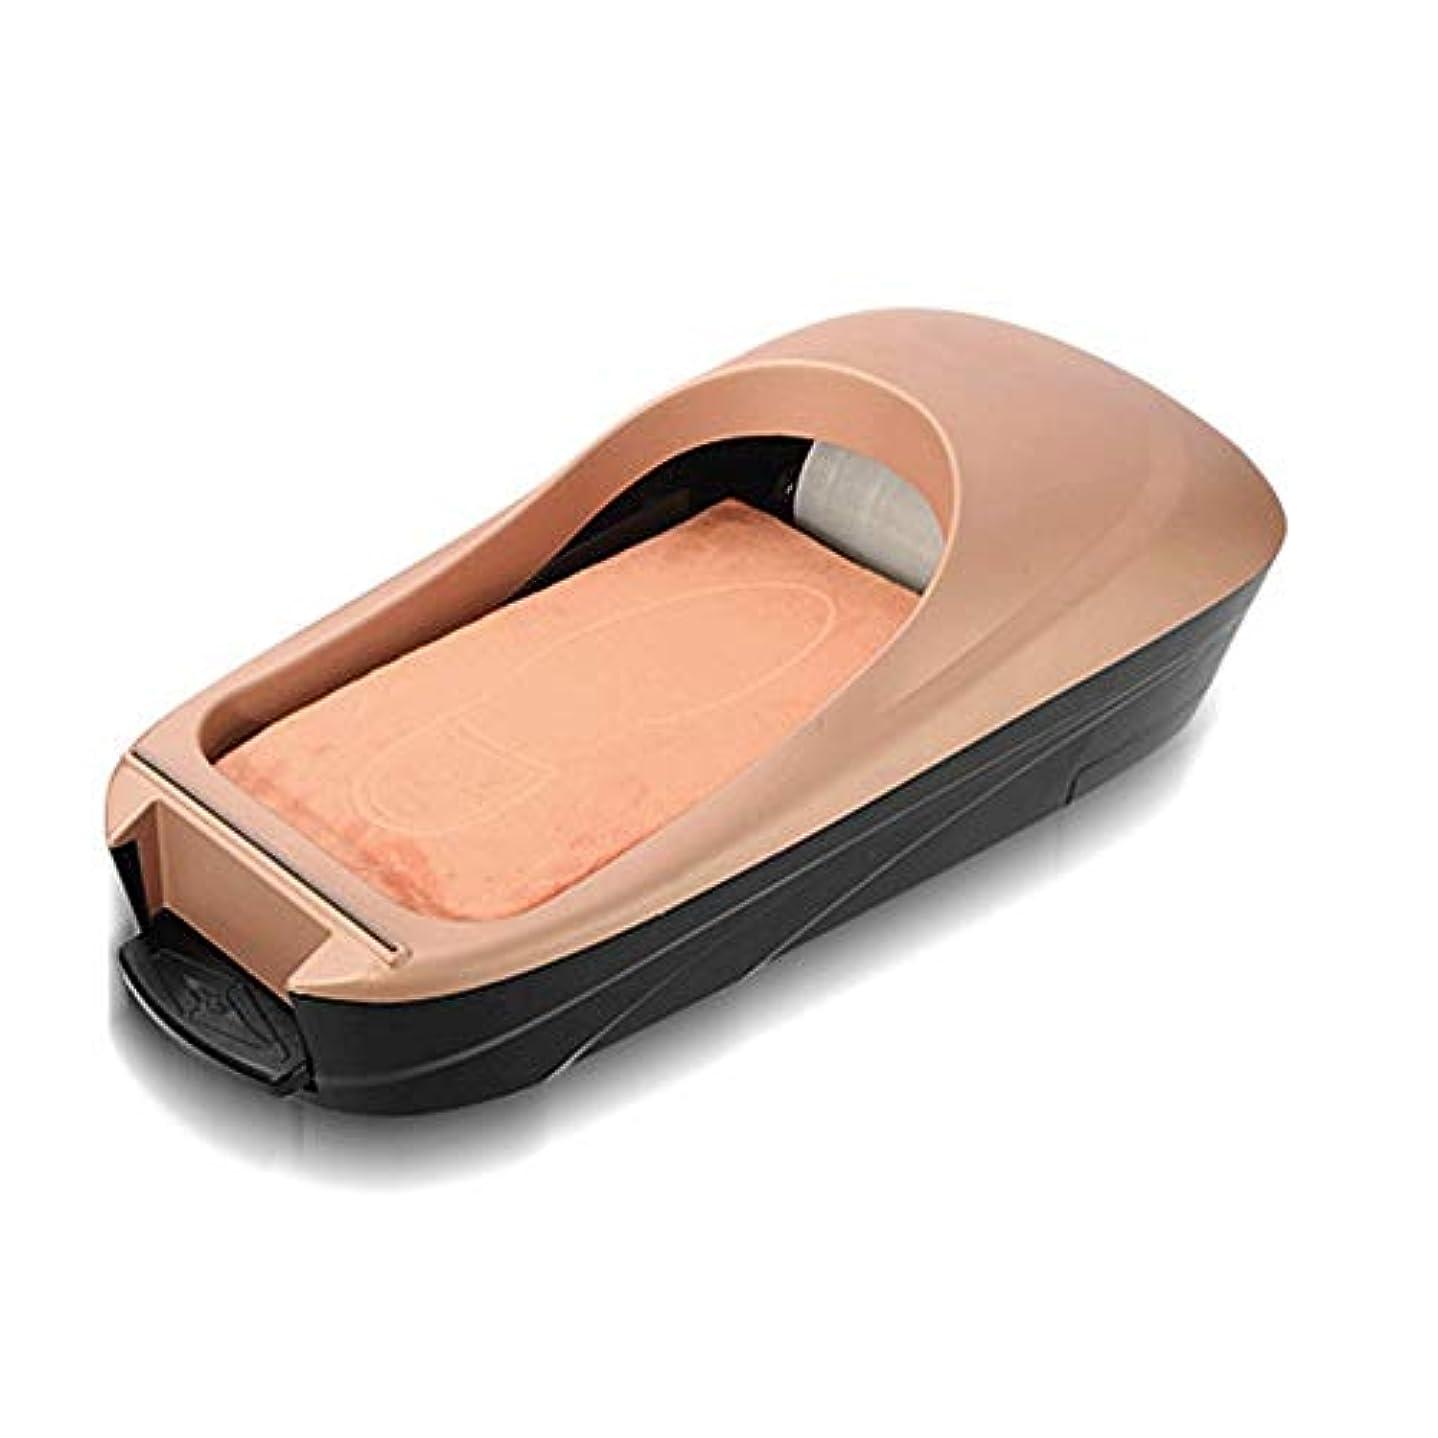 サーキュレーション刺激するミリメーター靴カバーマシンフィルムマシンリビングルームホーム自動ワンタイムインテリジェントフットカバーマシン新しい靴フィルム